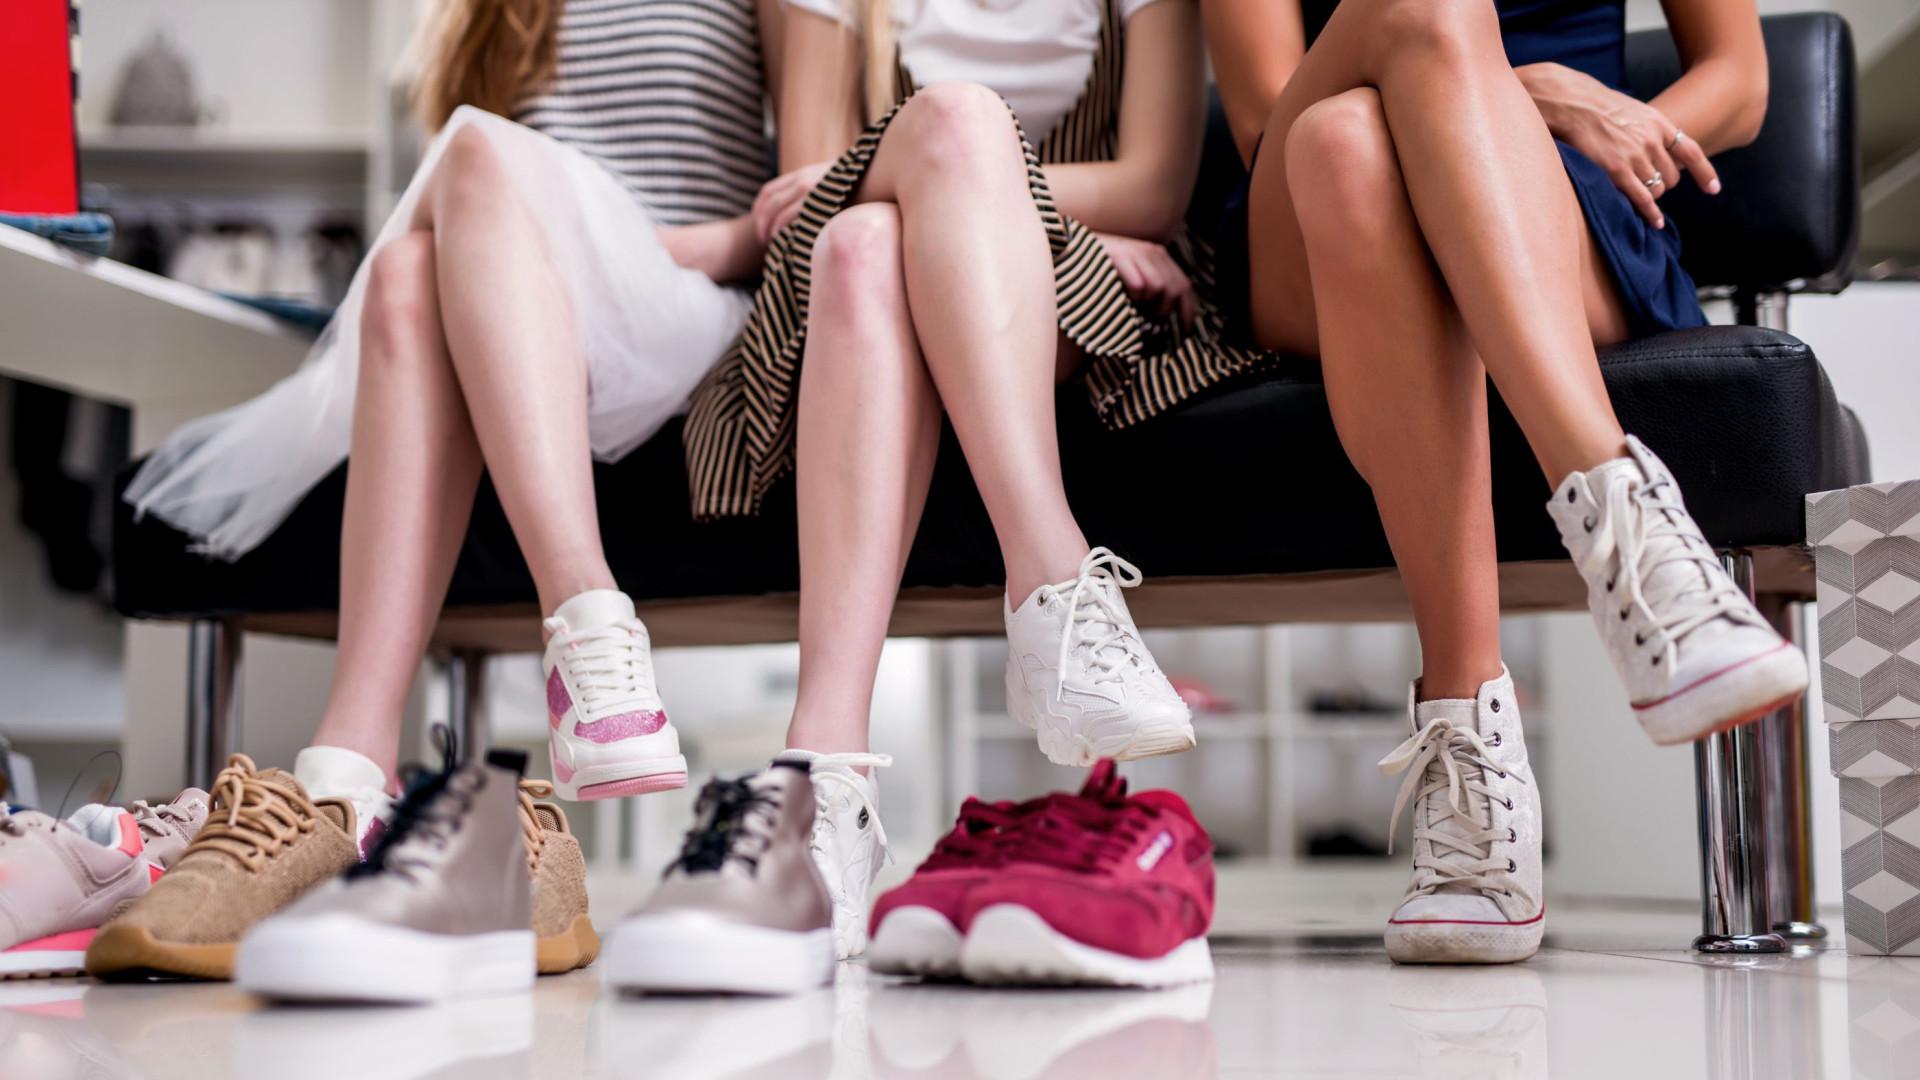 49e302b635 Estes são os modelos de calçado que se espera ver mais no próximo ano